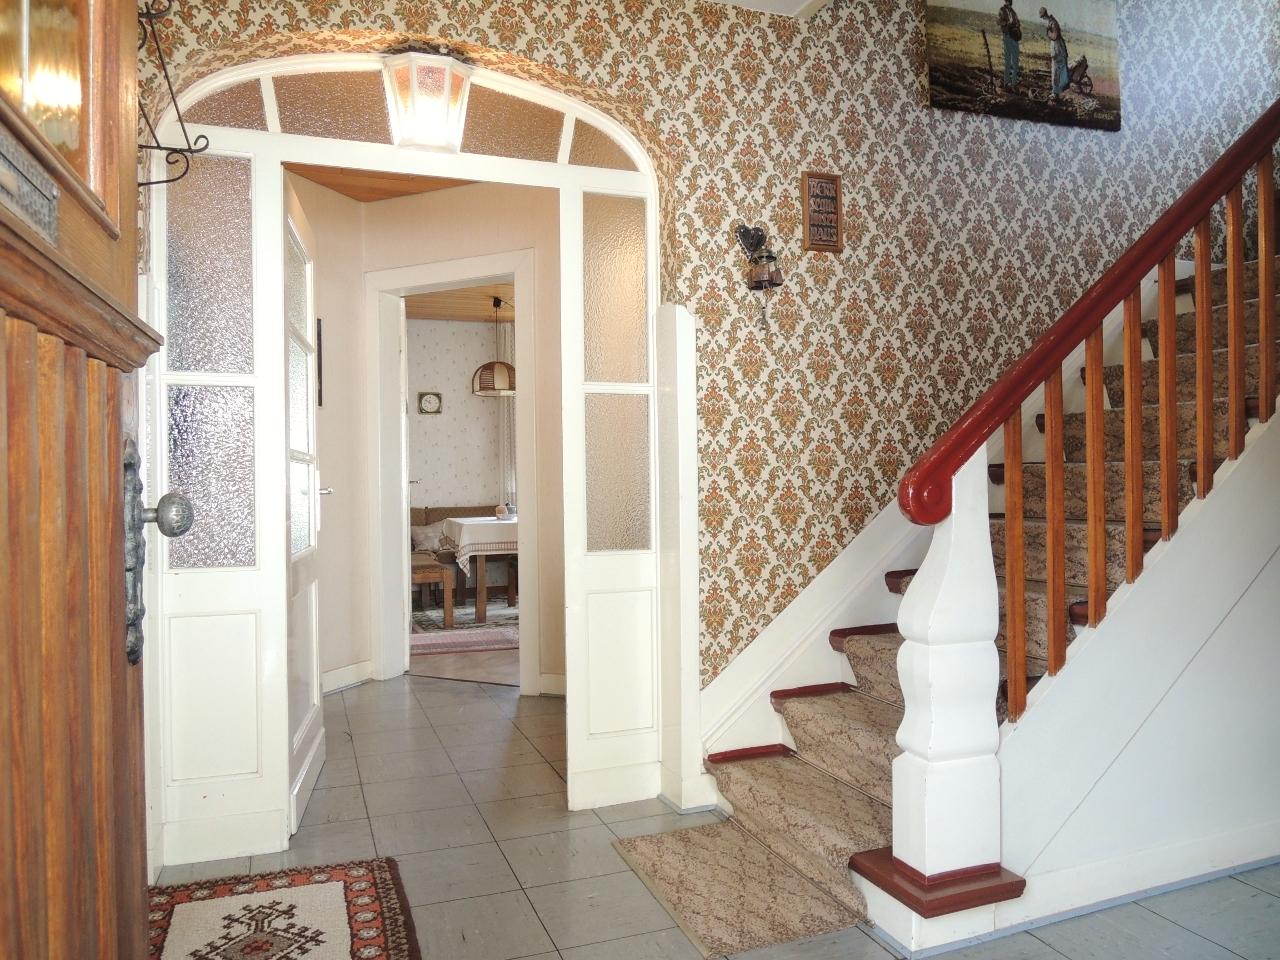 teppichläufer treppe dprmodels es geht um idee, design, bild, Badezimmer ideen